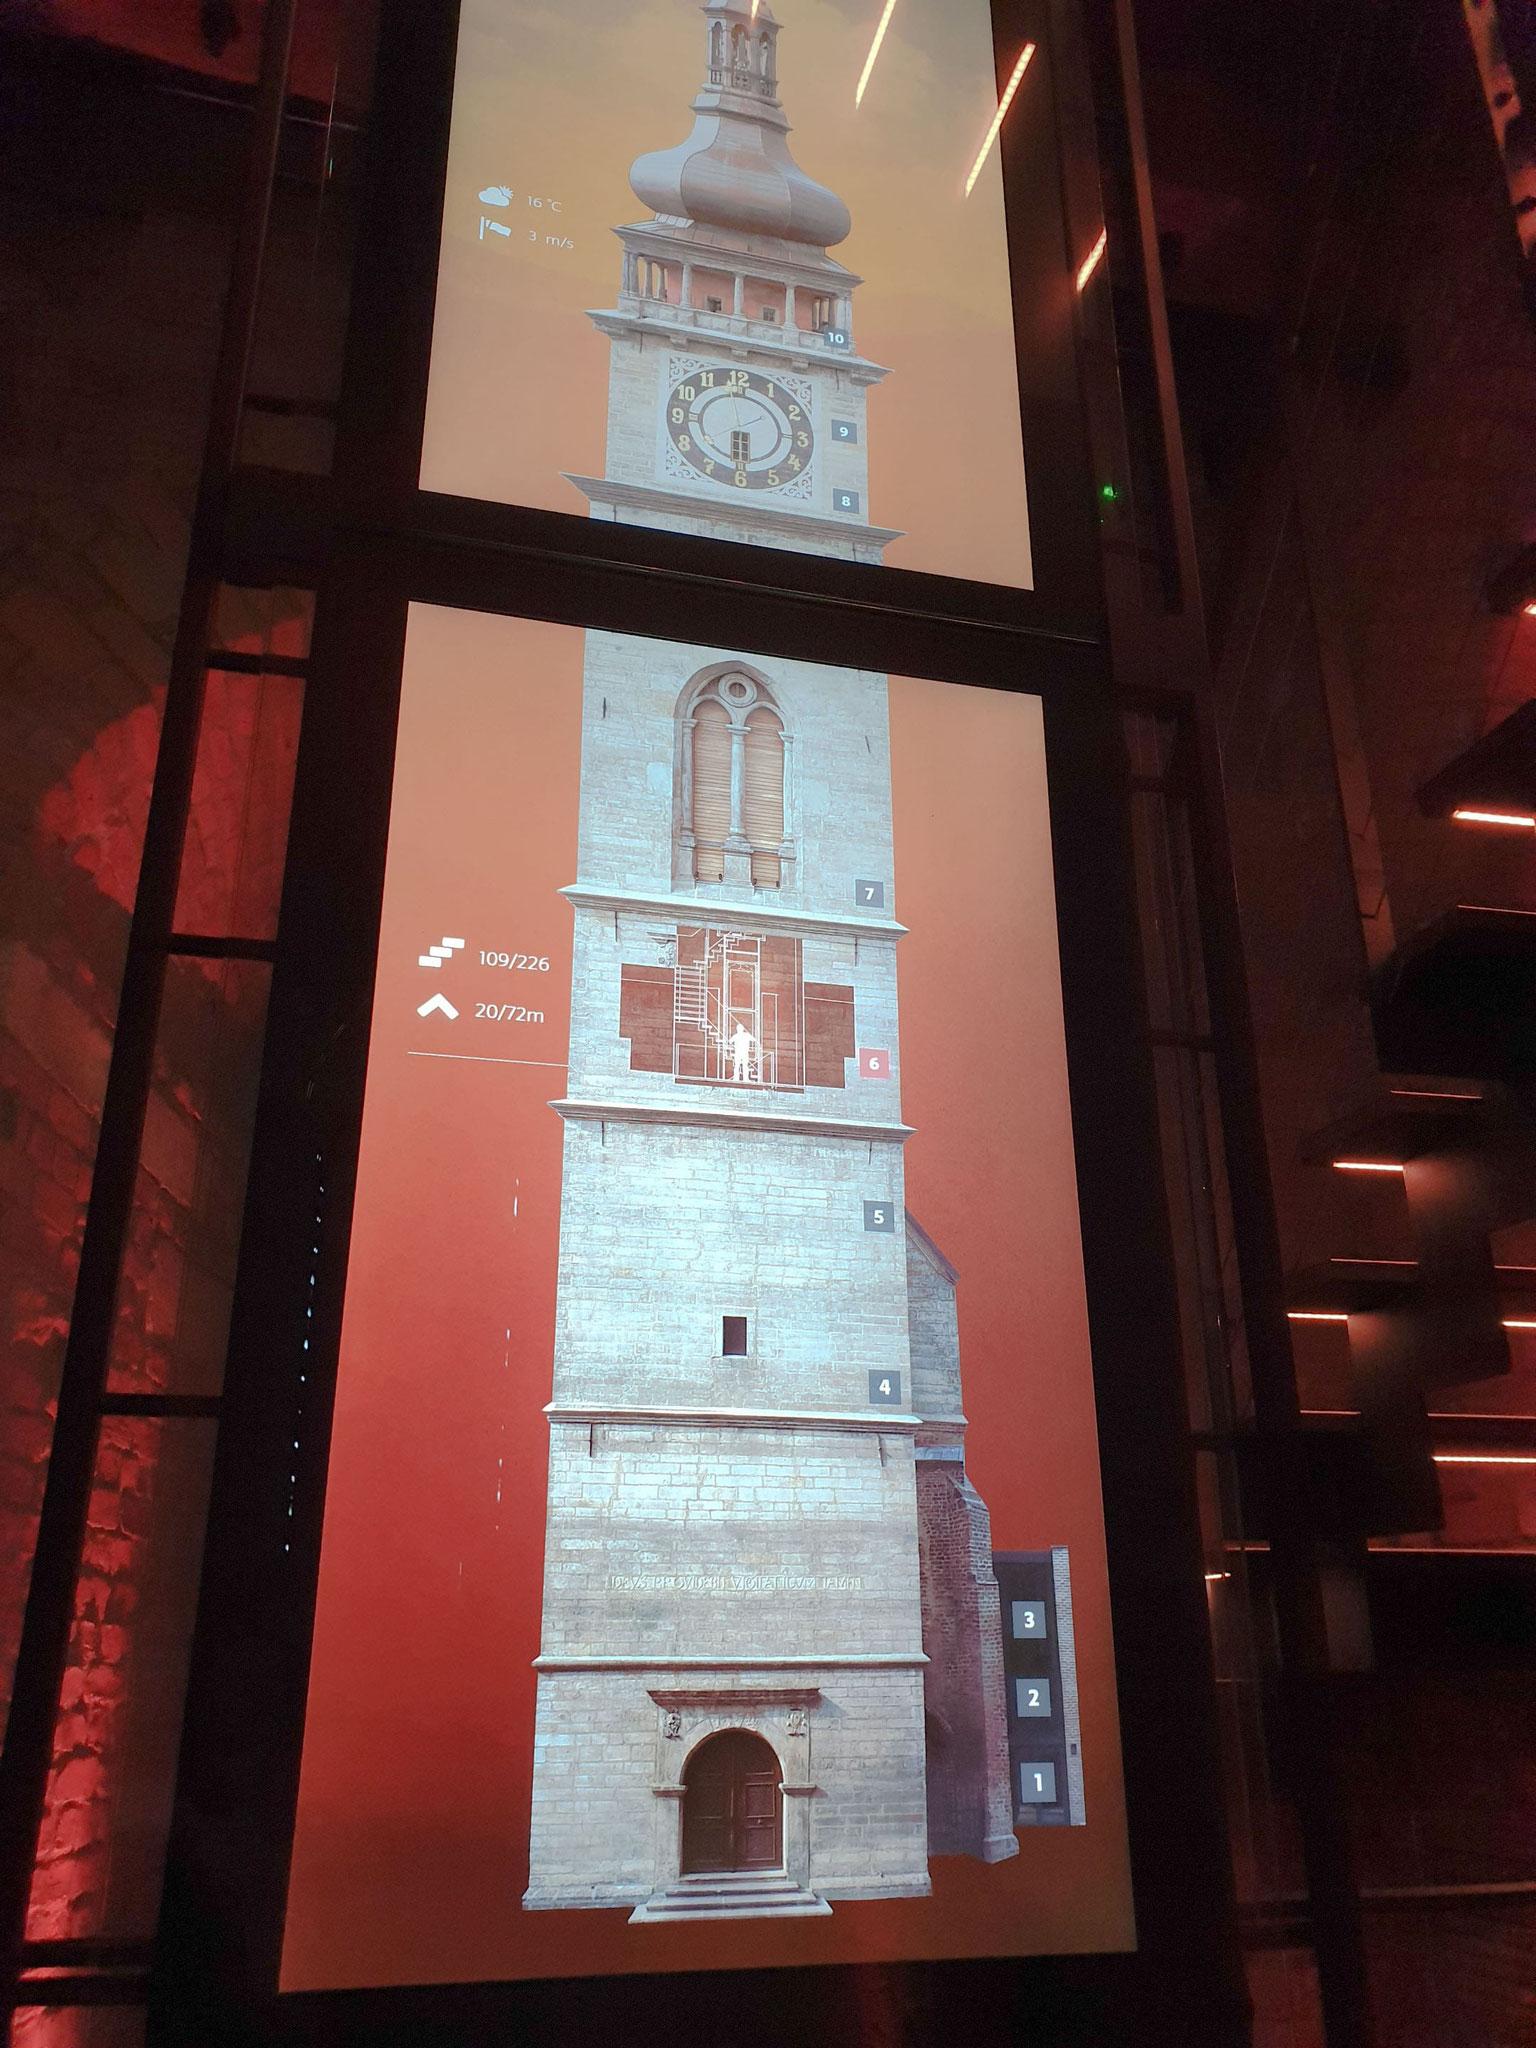 Hradec Králové, Weißer Turm, Projektion